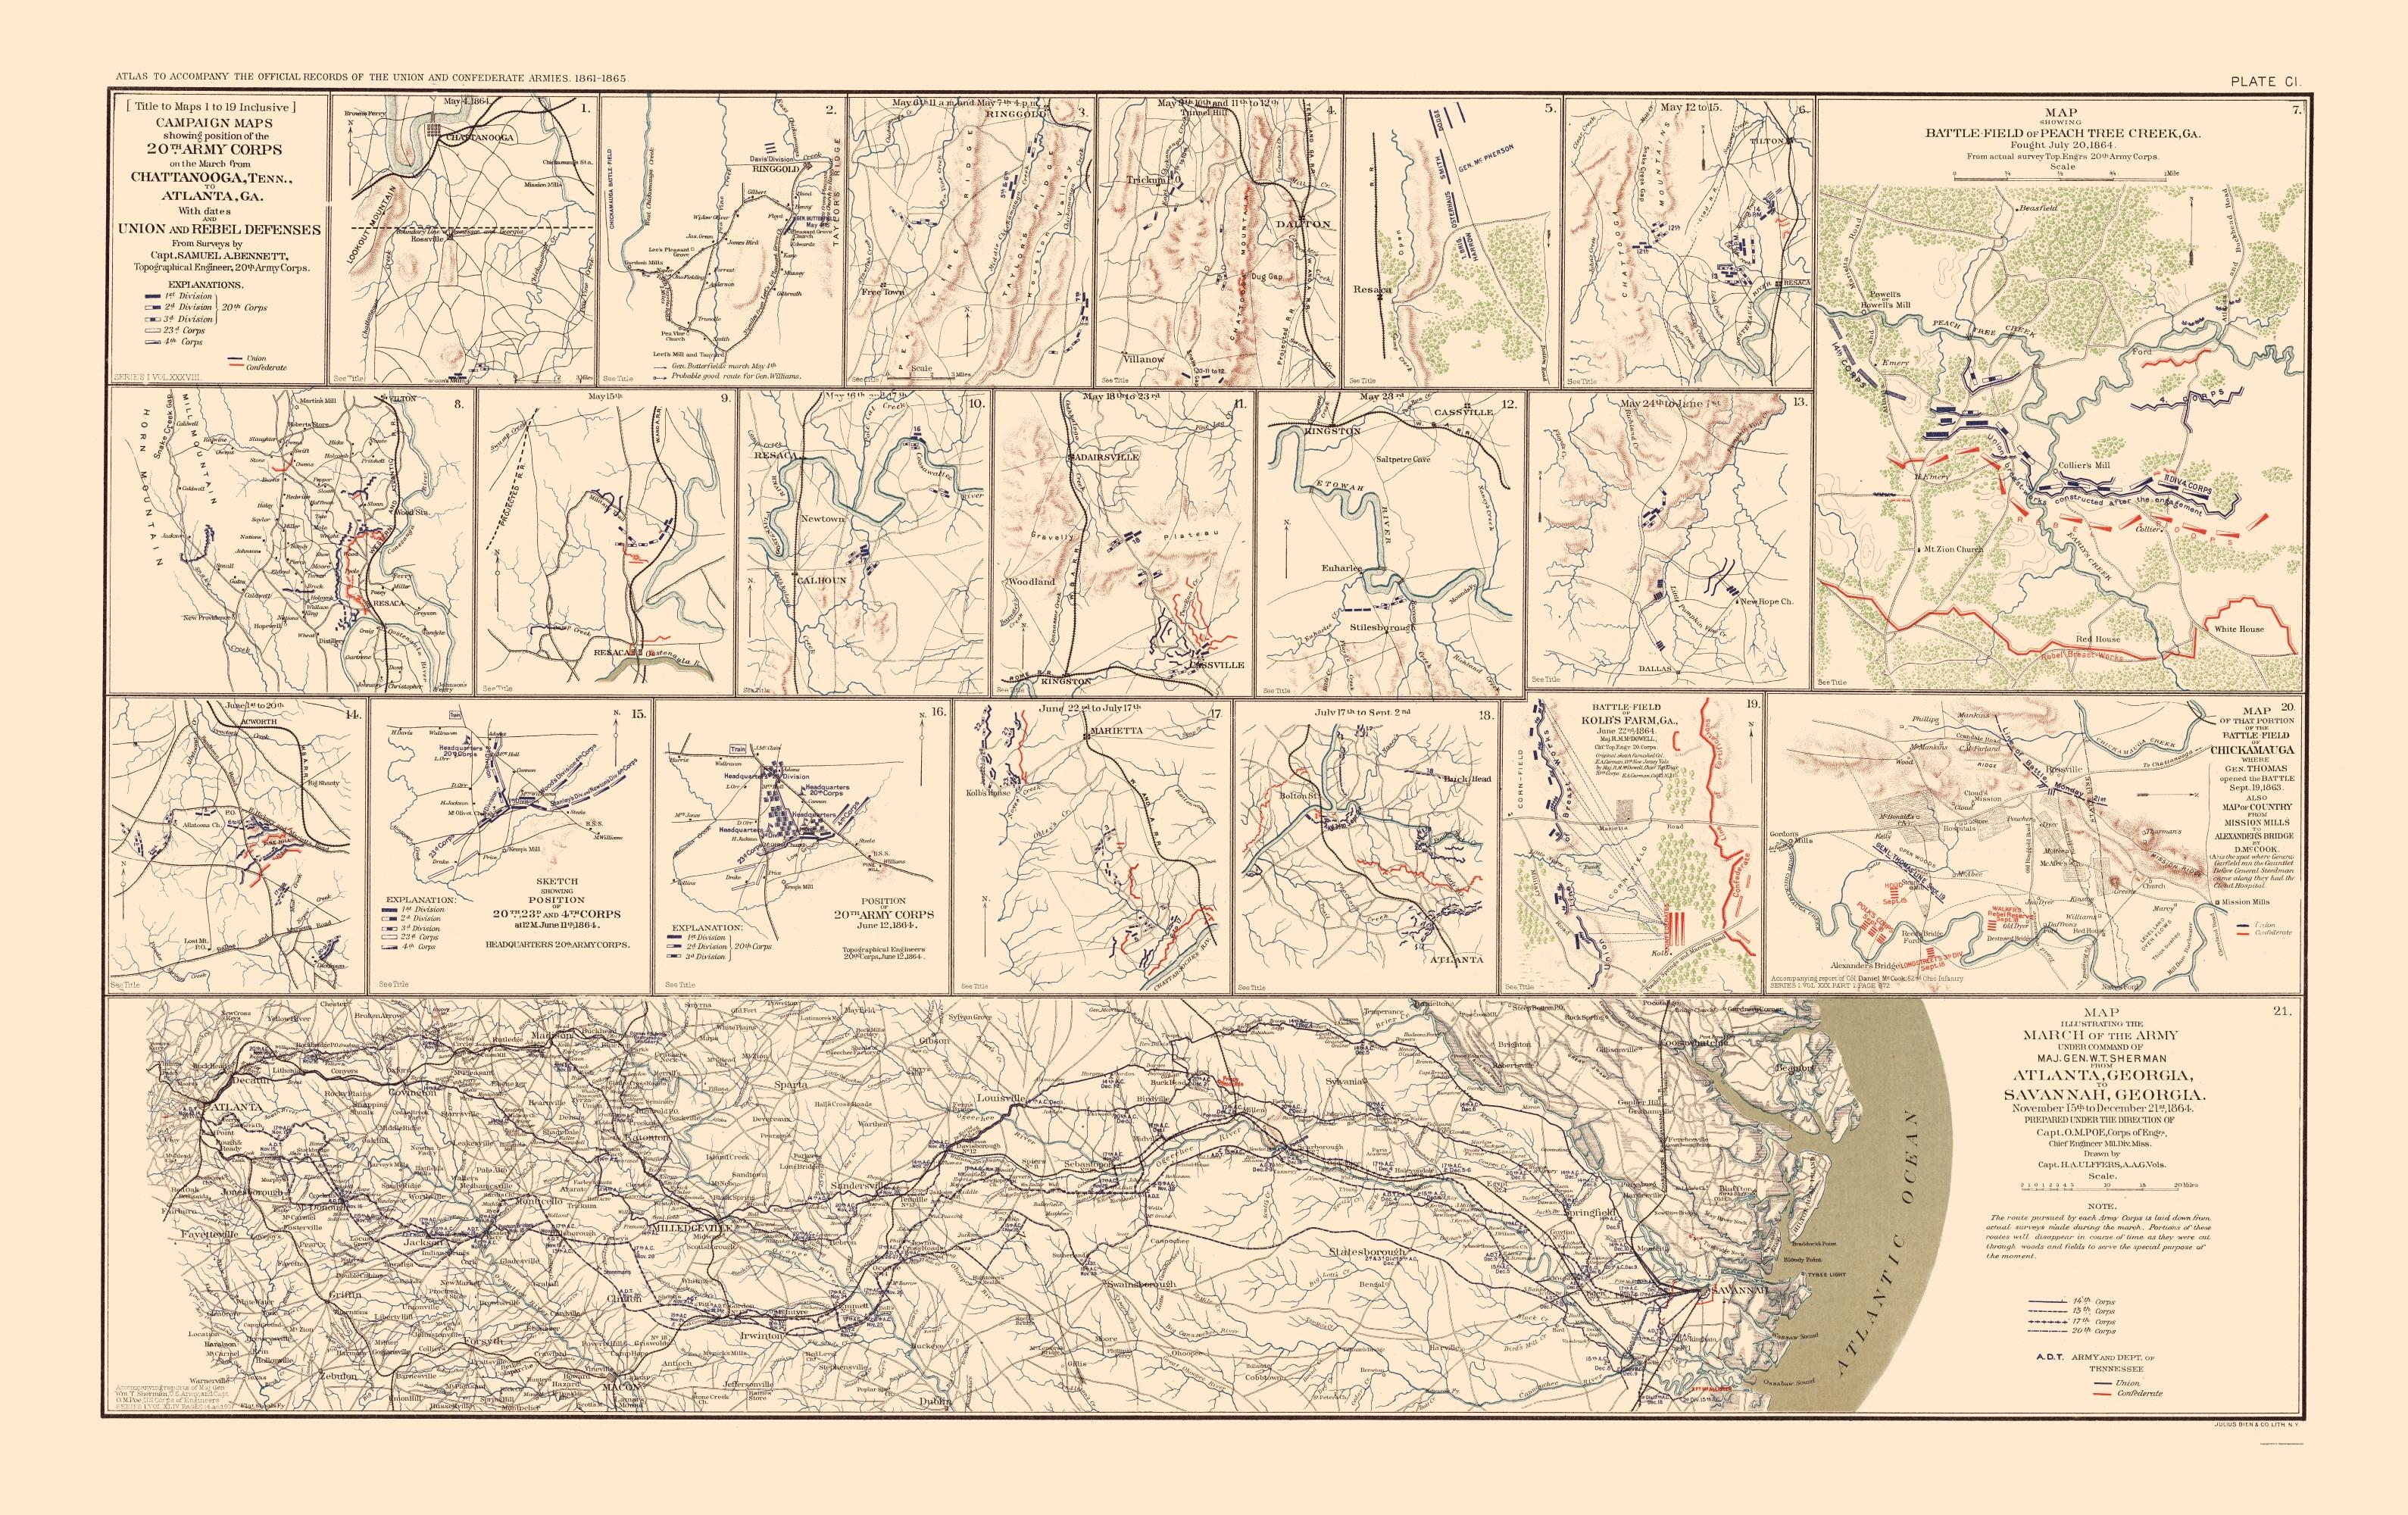 War Map Campaign Chattanooga Atlanta Savannah 1895